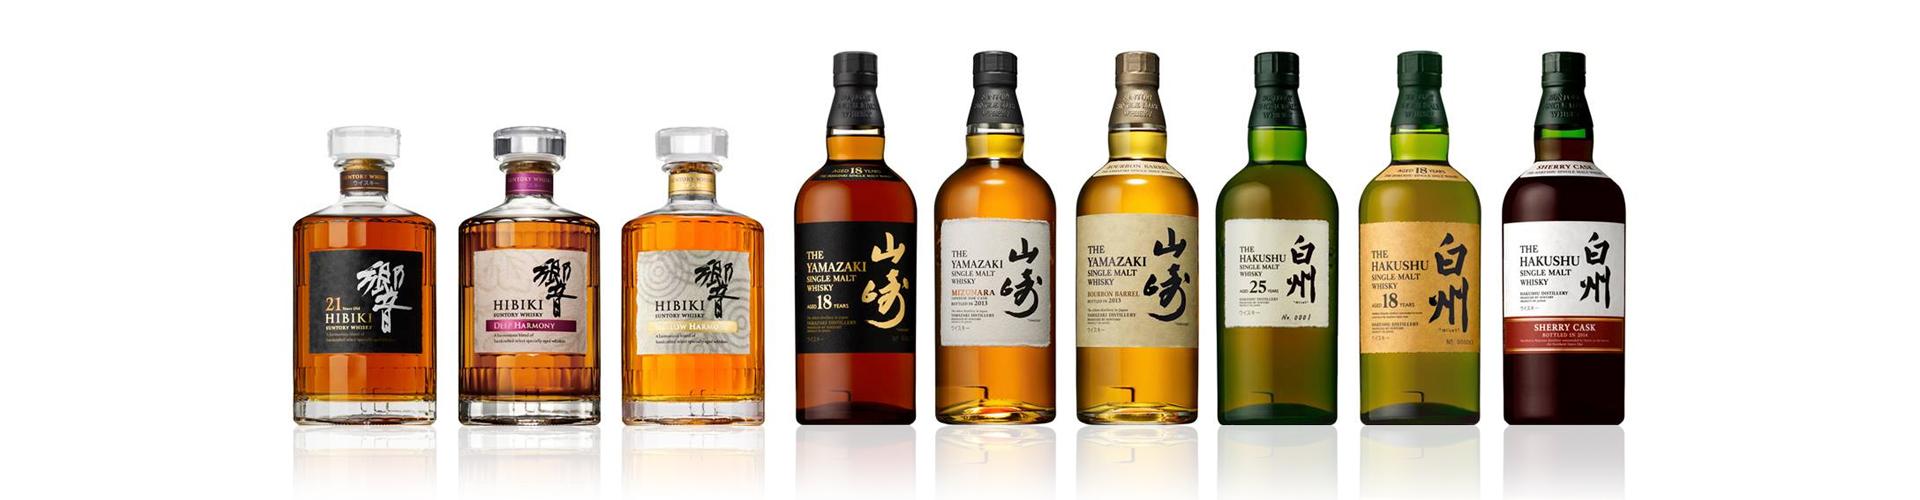 Découvrez notre collection de whisky japonais